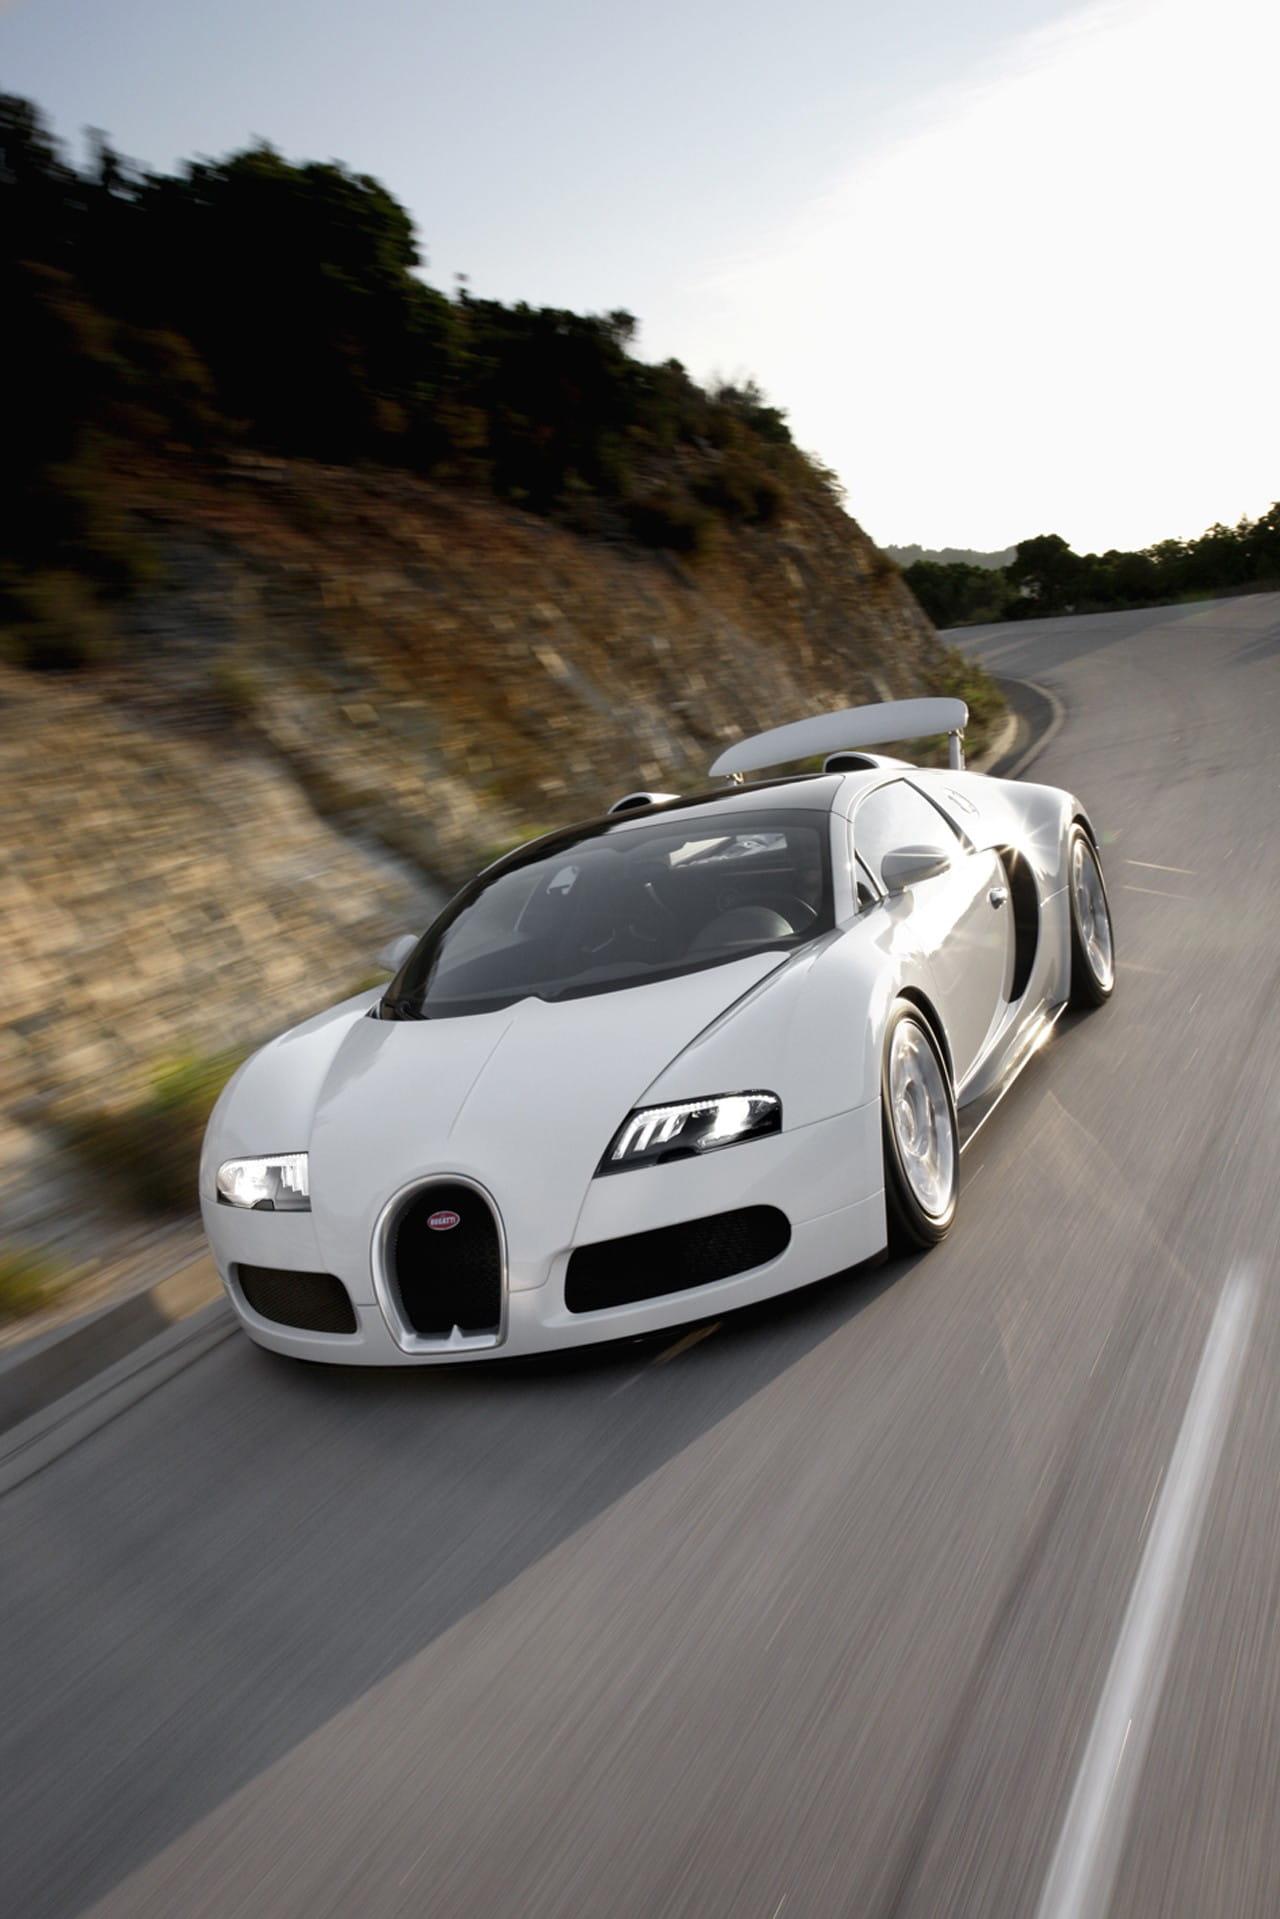 Audi Car Hd Mobile Wallpaper Bugatti Veyron Grand Sport Precios Noticias Prueba